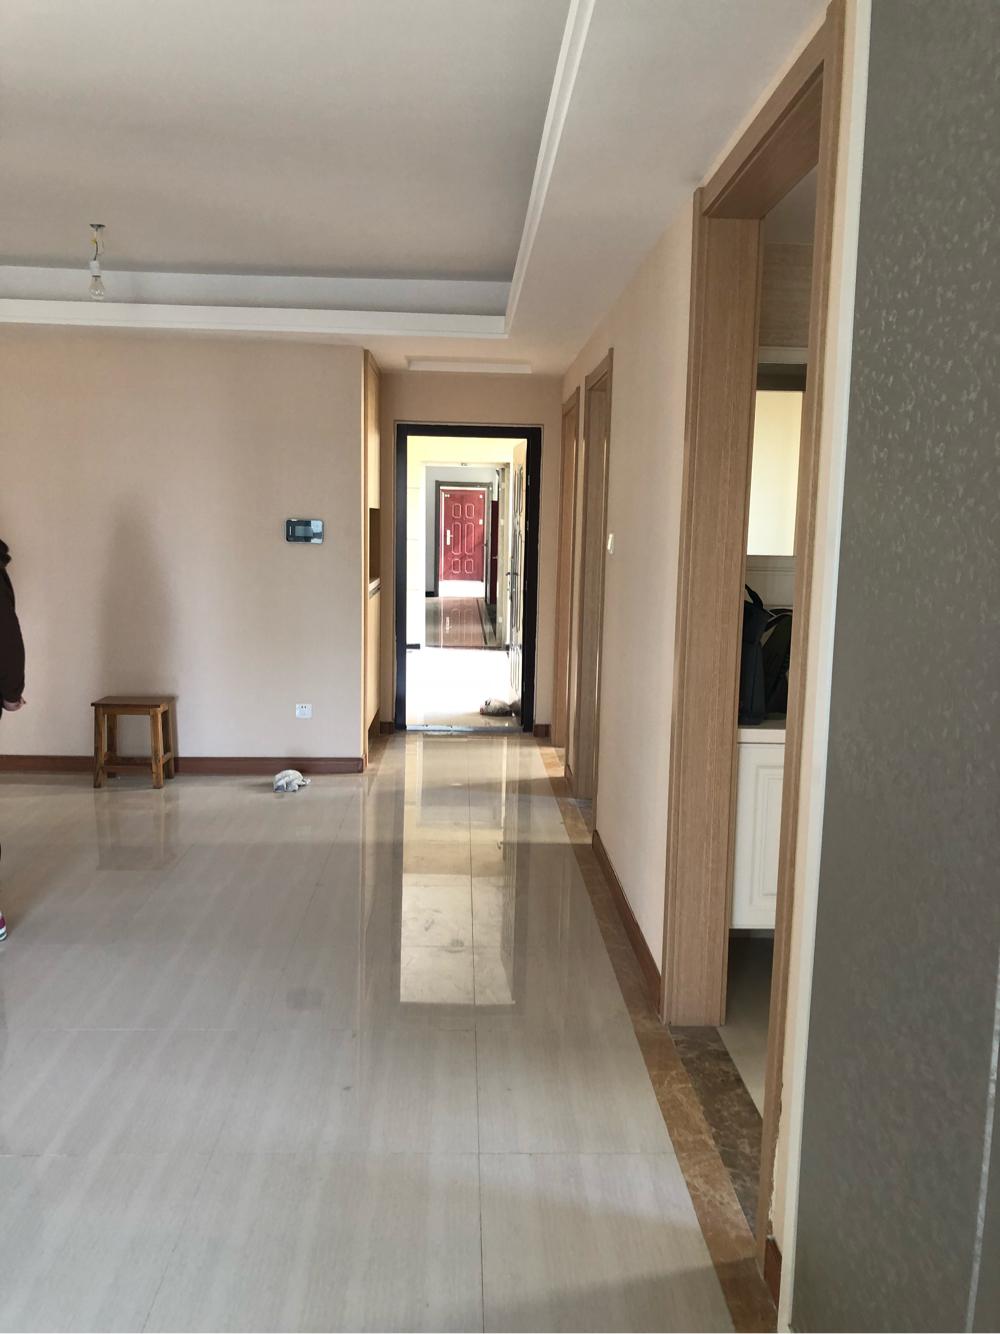 淮河新城五期新房出租房东不愿意租给住家的 想租给开公司作办公室用的 _1